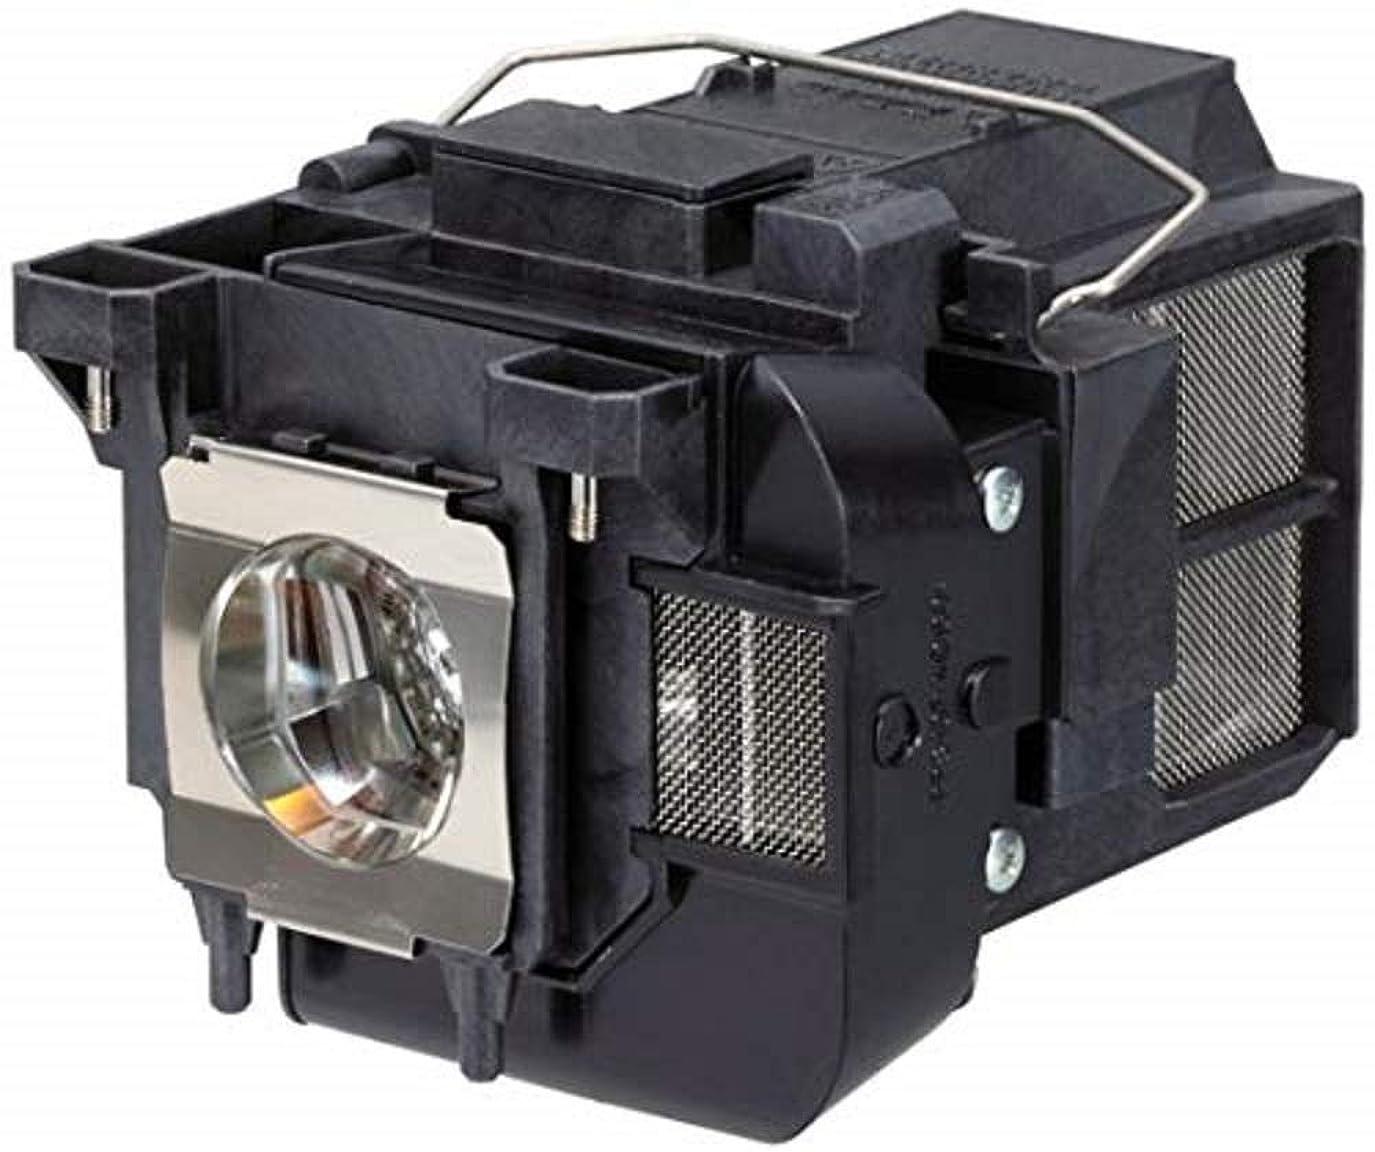 フォーク廃止光沢EPSON プロジェクター交換用ランプ ELPLP77